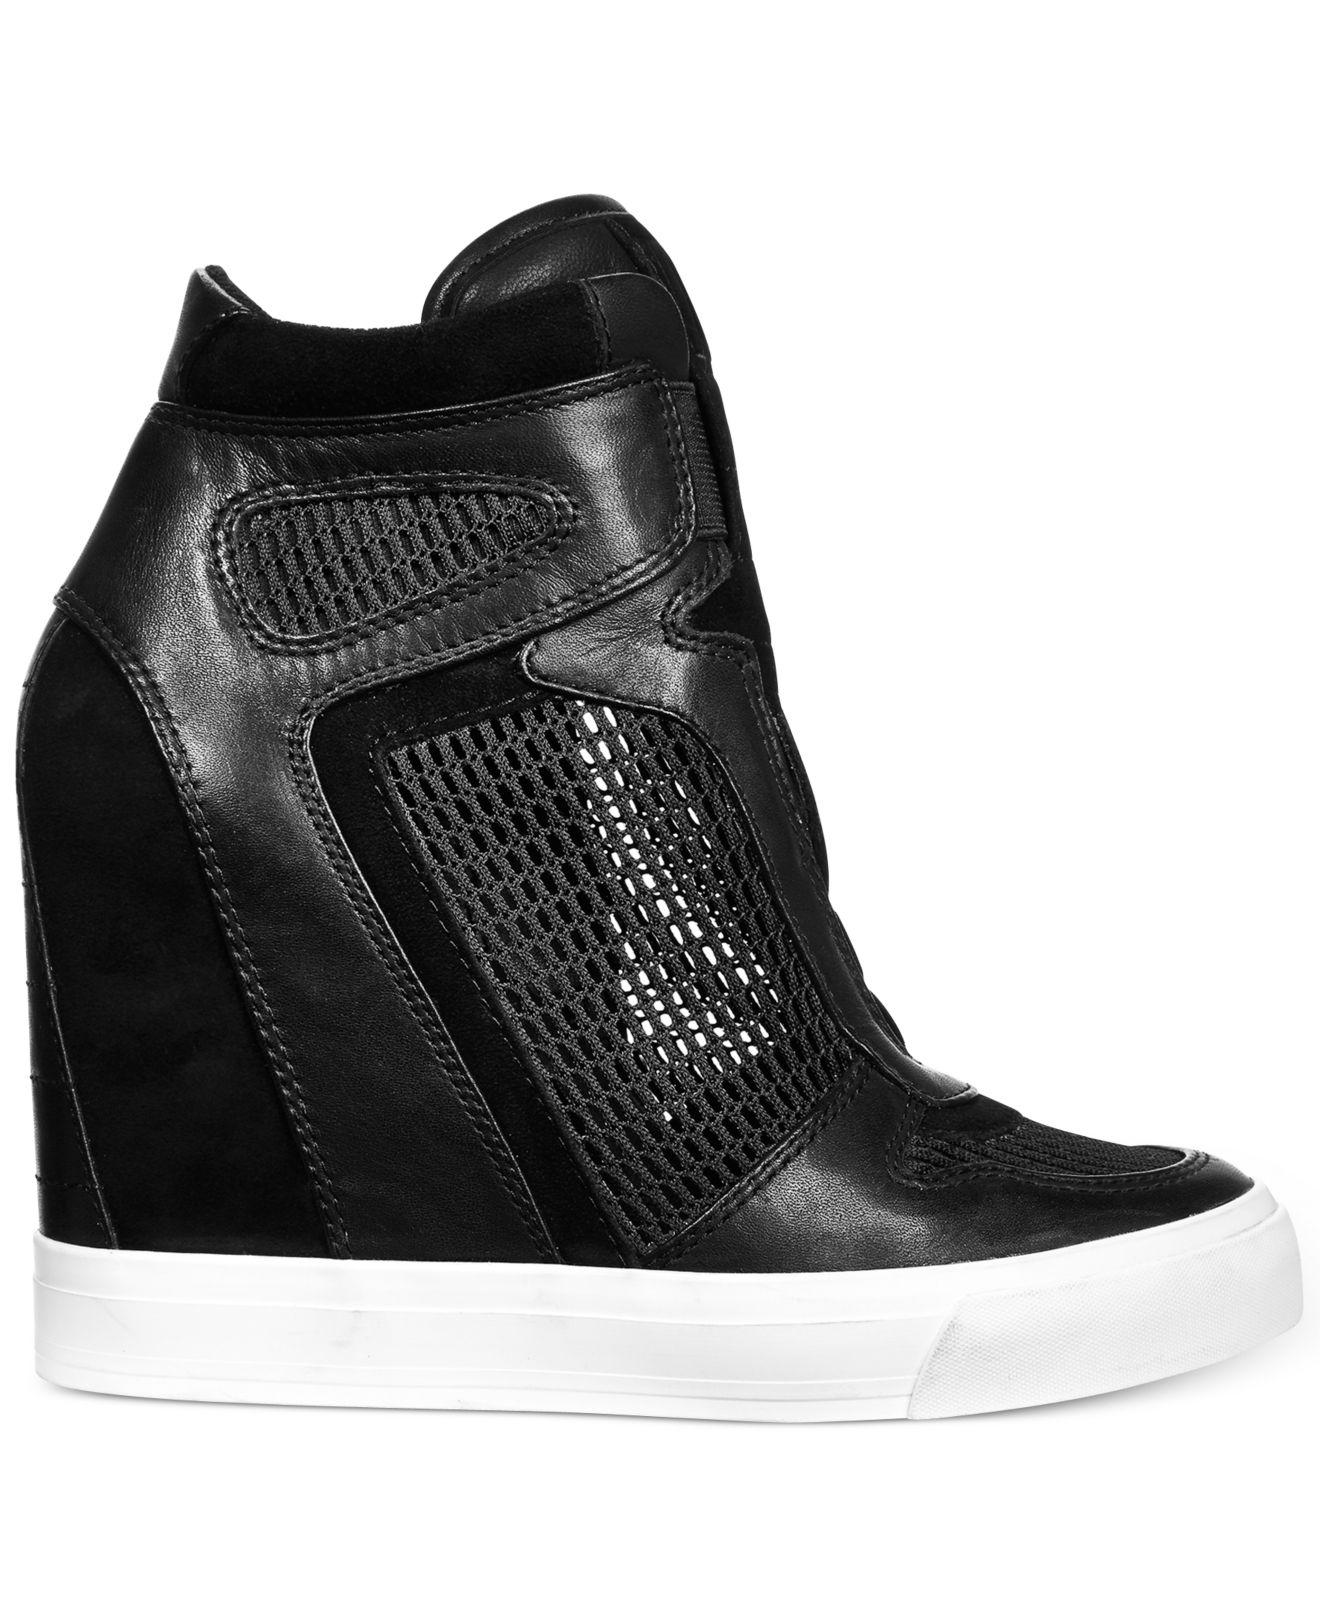 Lyst - DKNY Grand Platform Wedge Sneakers in Black